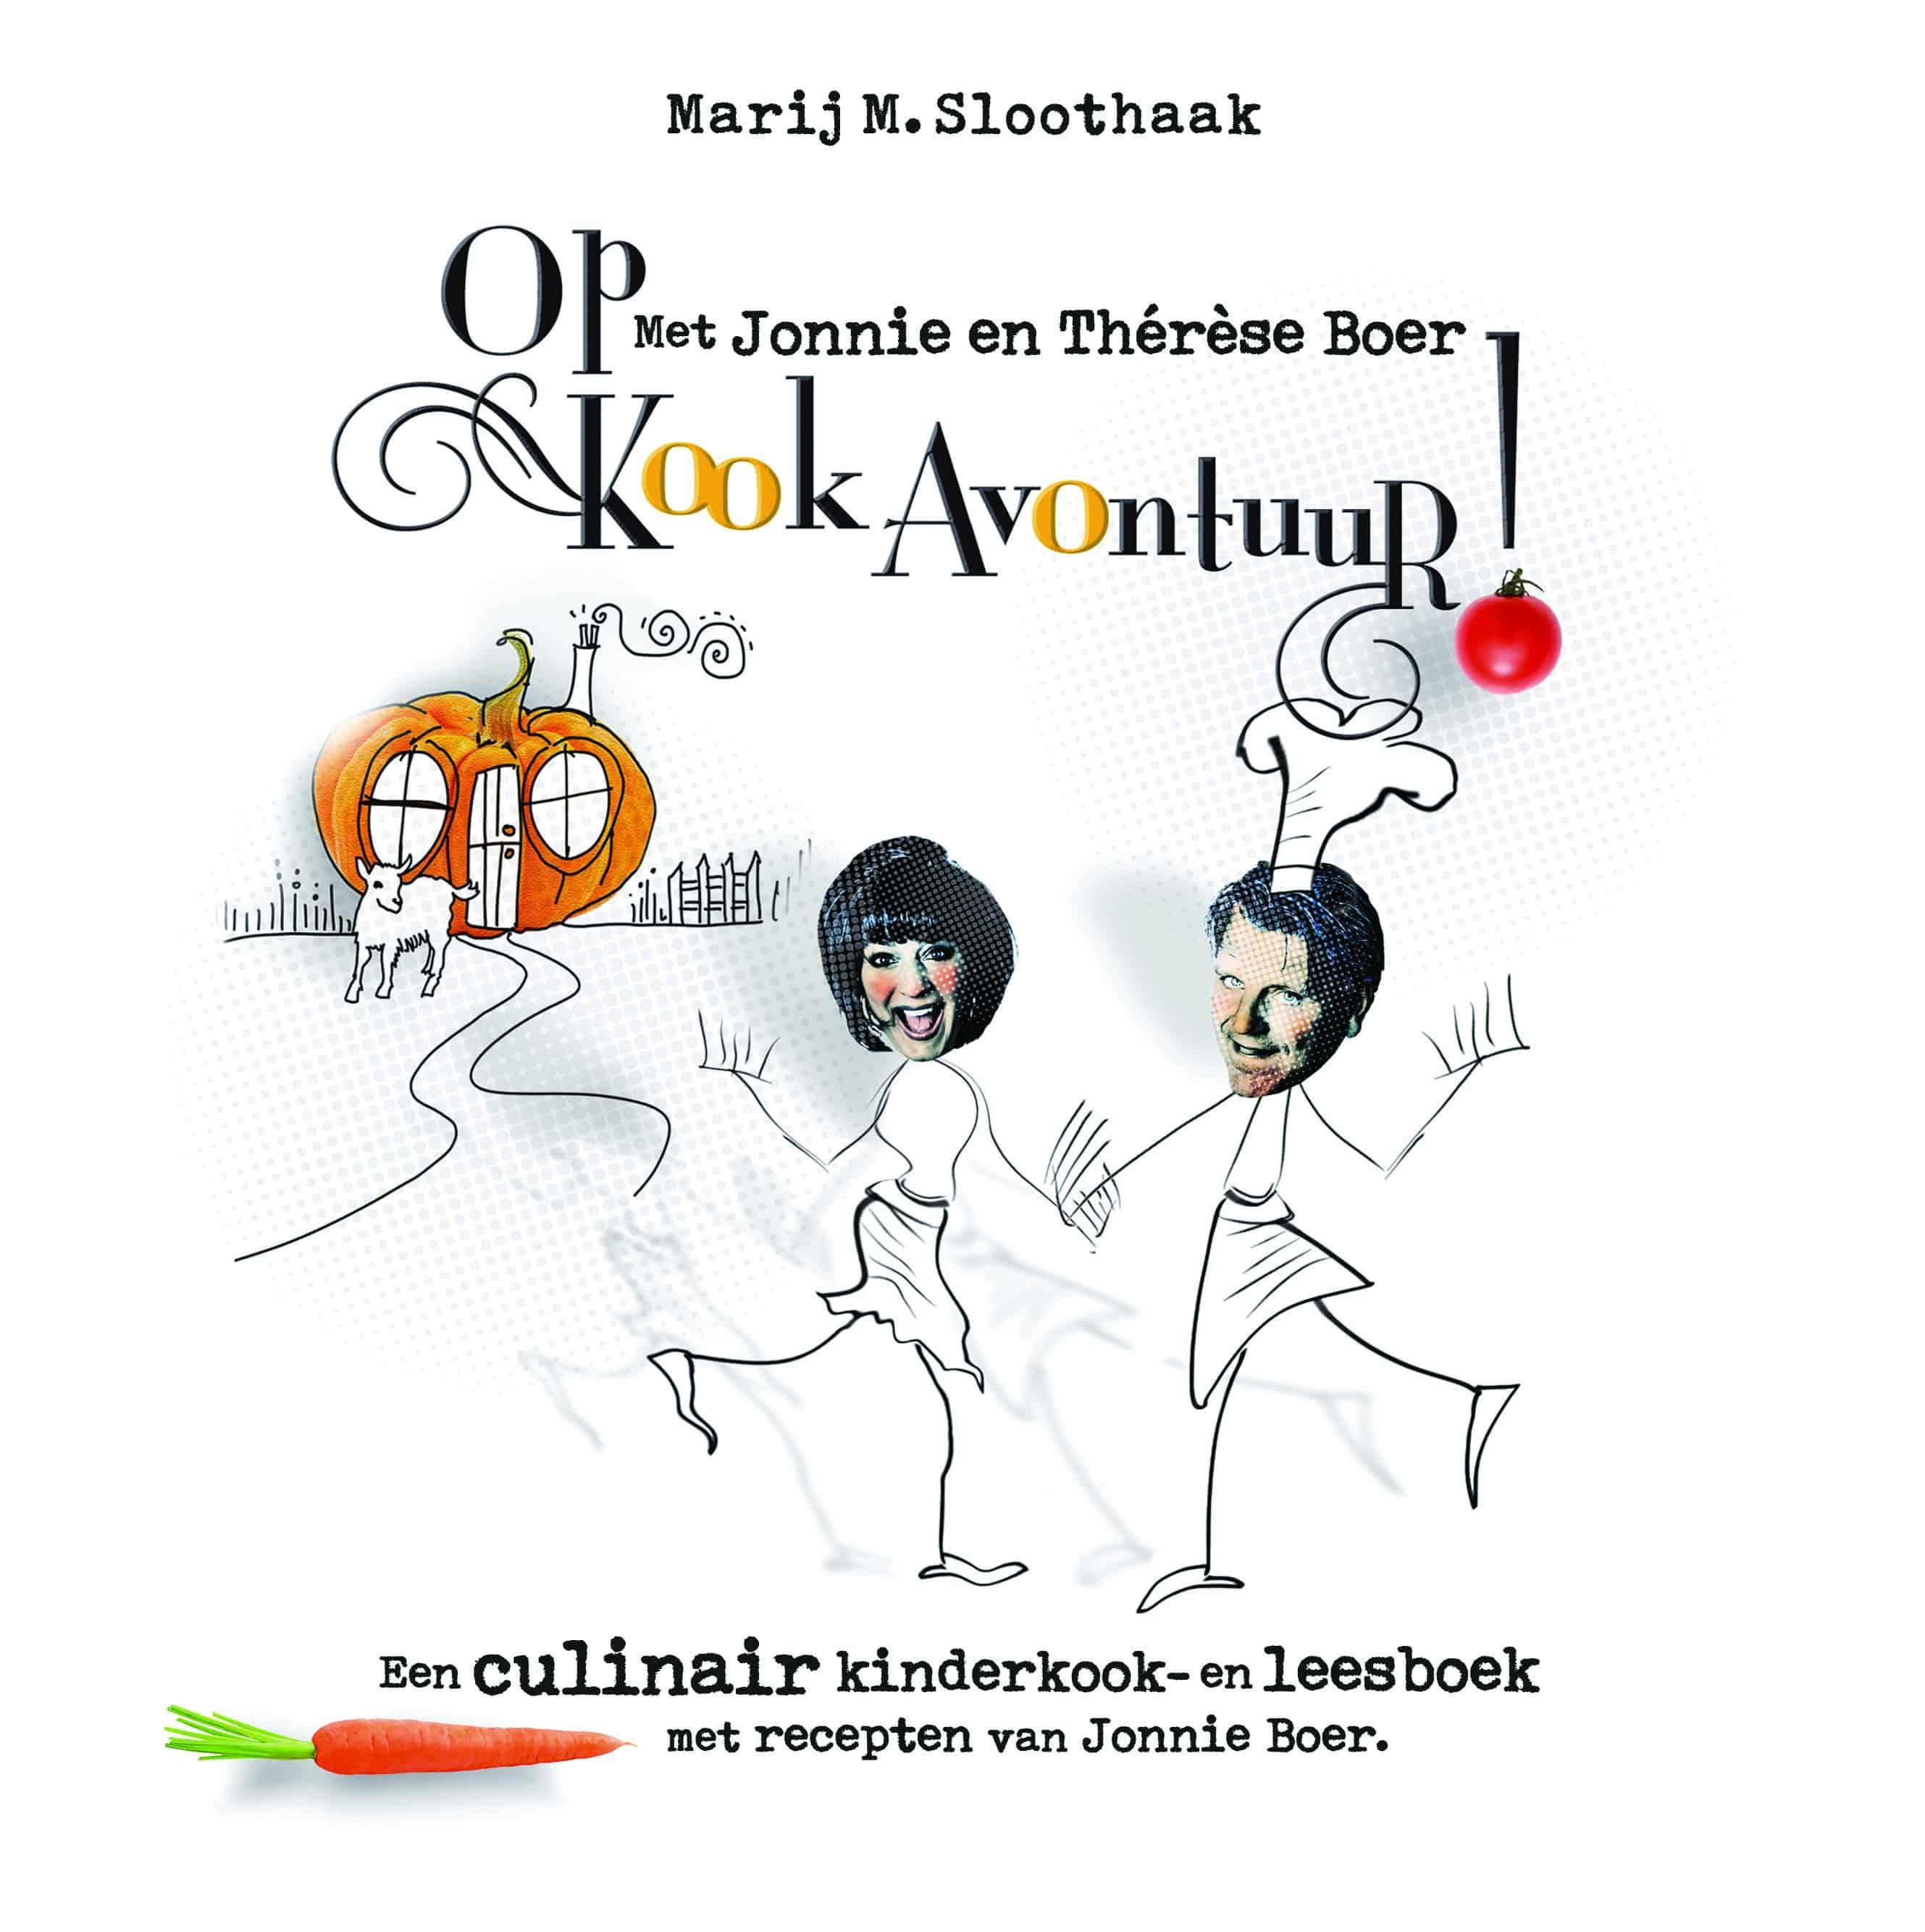 Francesca Kookt_top 5 kinderkookboeken_op kookavontuur